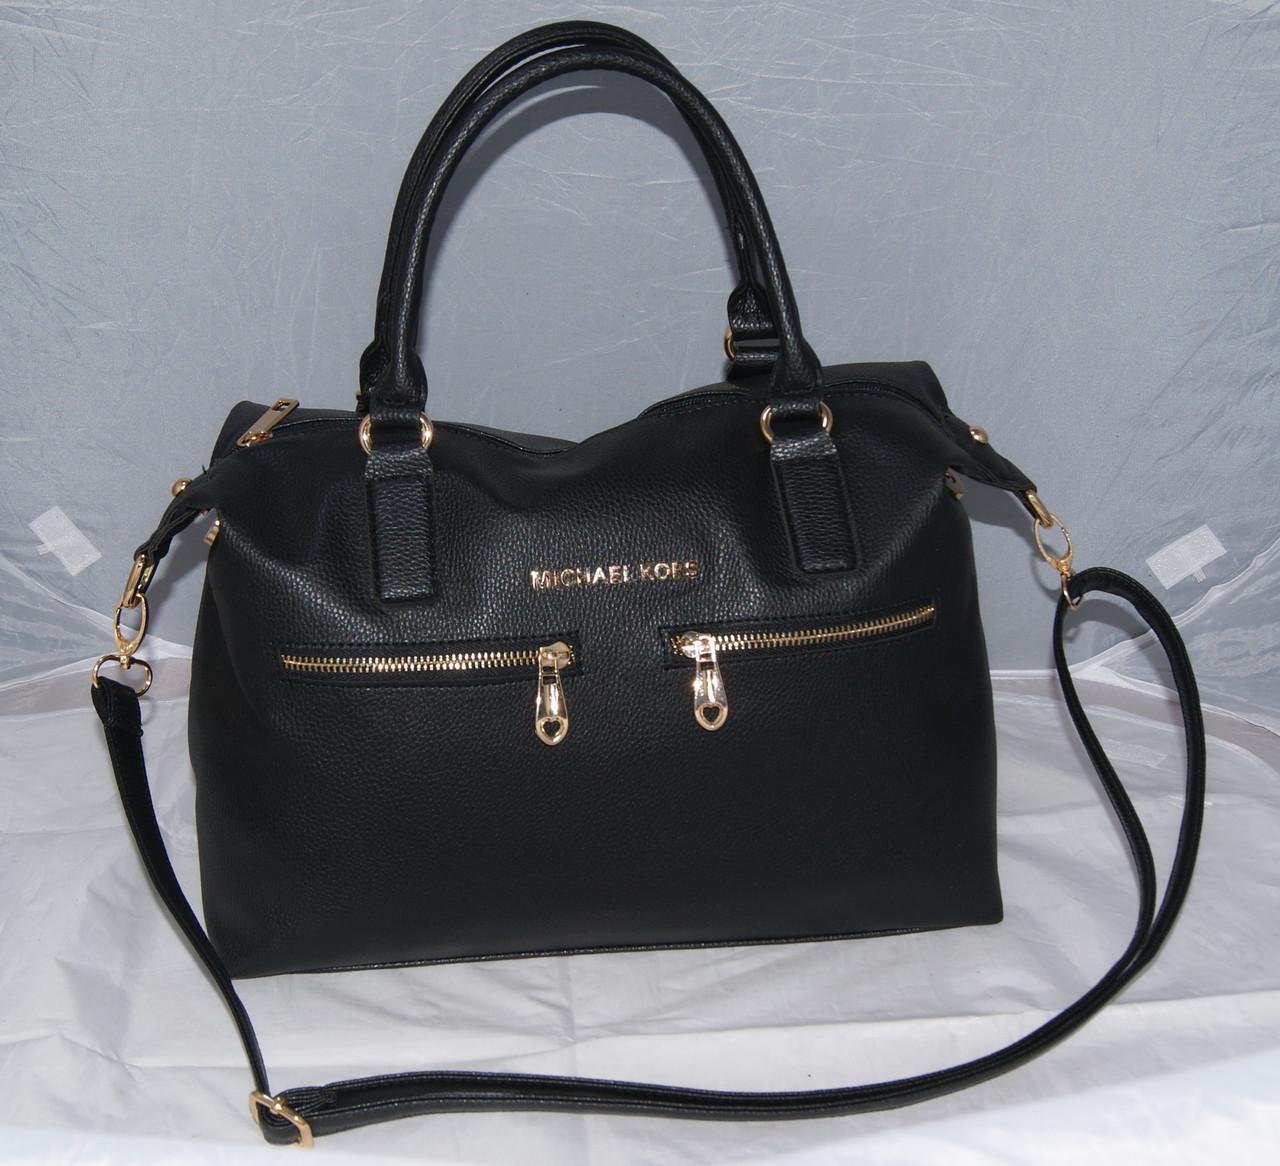 f4b3a6678818 Черная женская сумка Michael Kors, Майкл Корс, MK: продажа, цена в ...